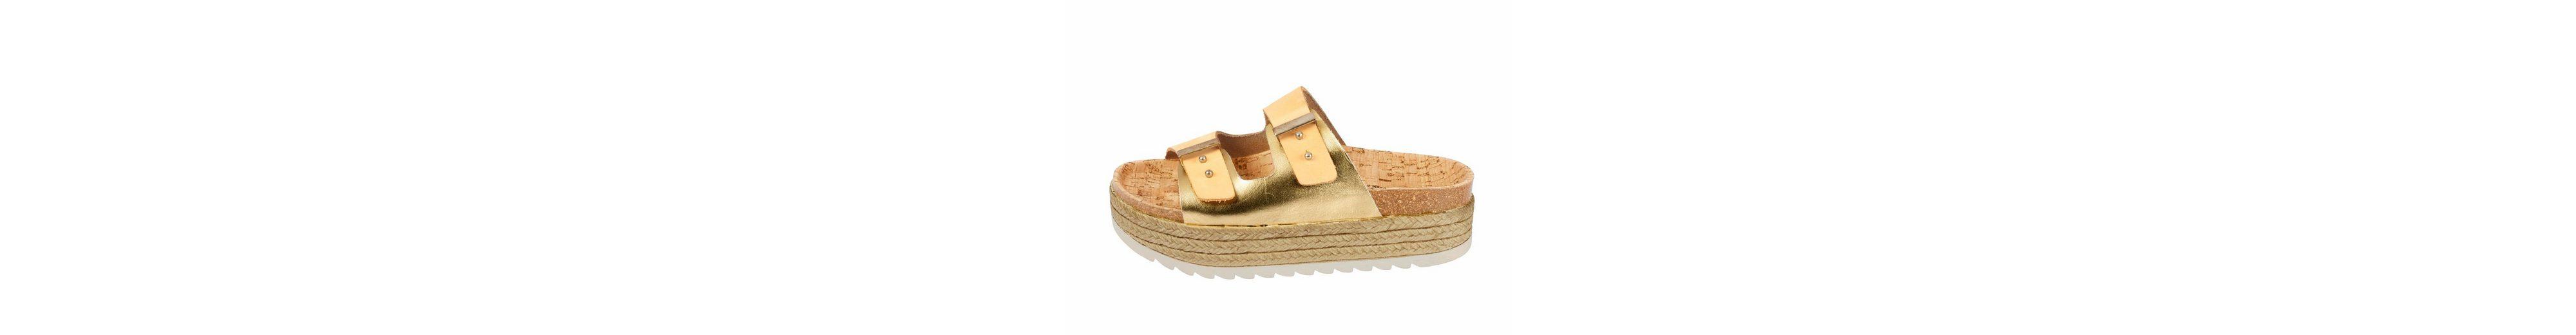 BIOSTEP Pantolette mit Kork-Fußbett Beliebt Günstiger Preis Online-Shopping Online-Verkauf 8BB24Vatd